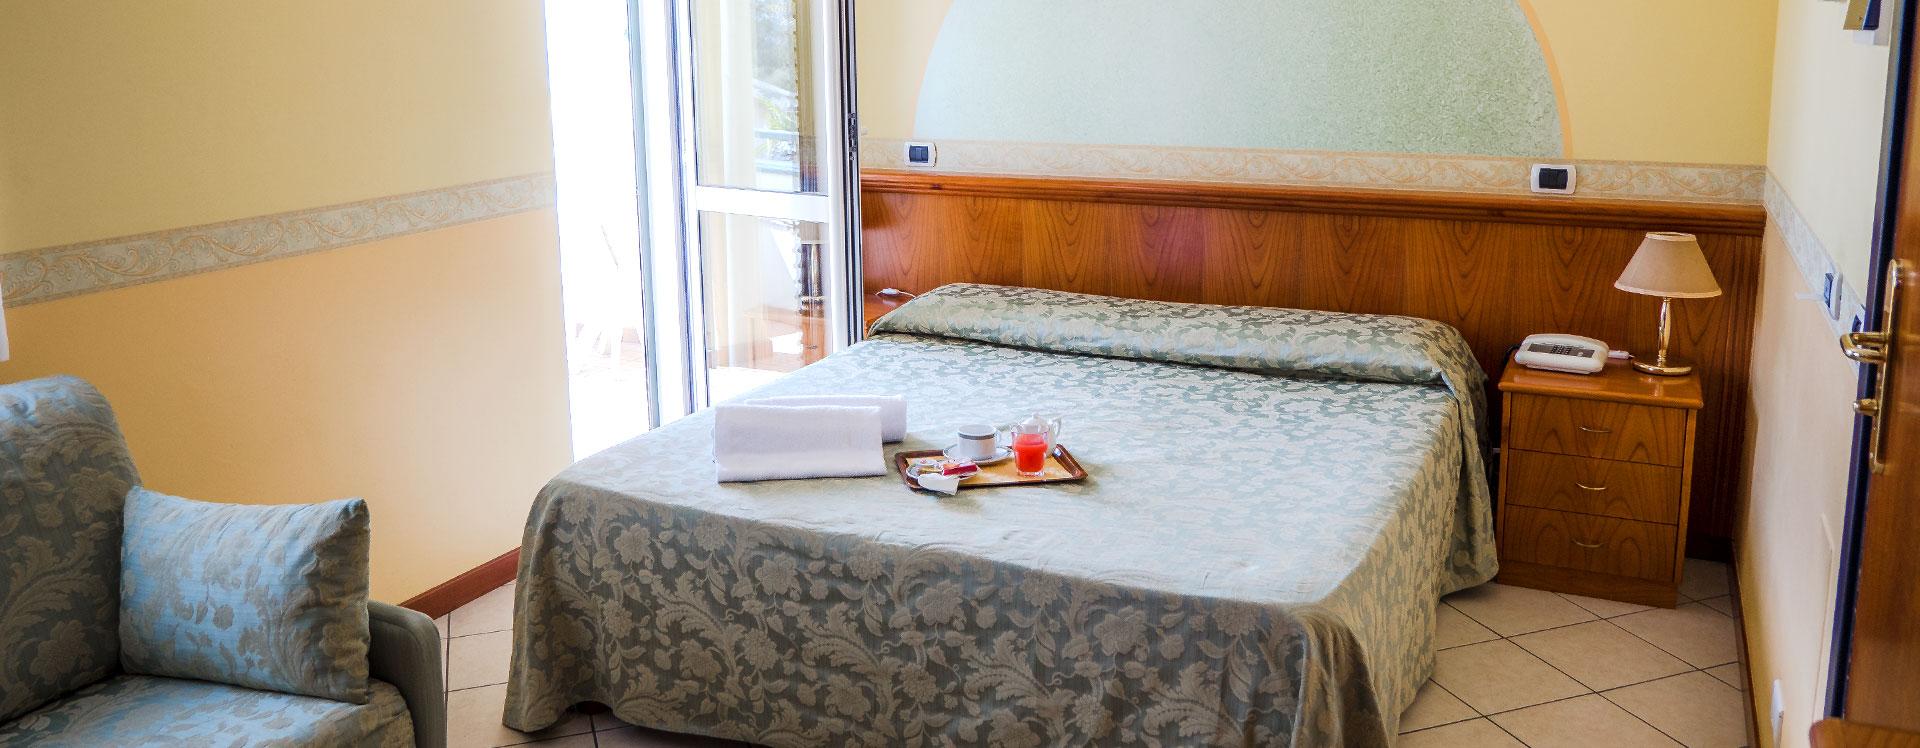 camera hotel roma sul mare